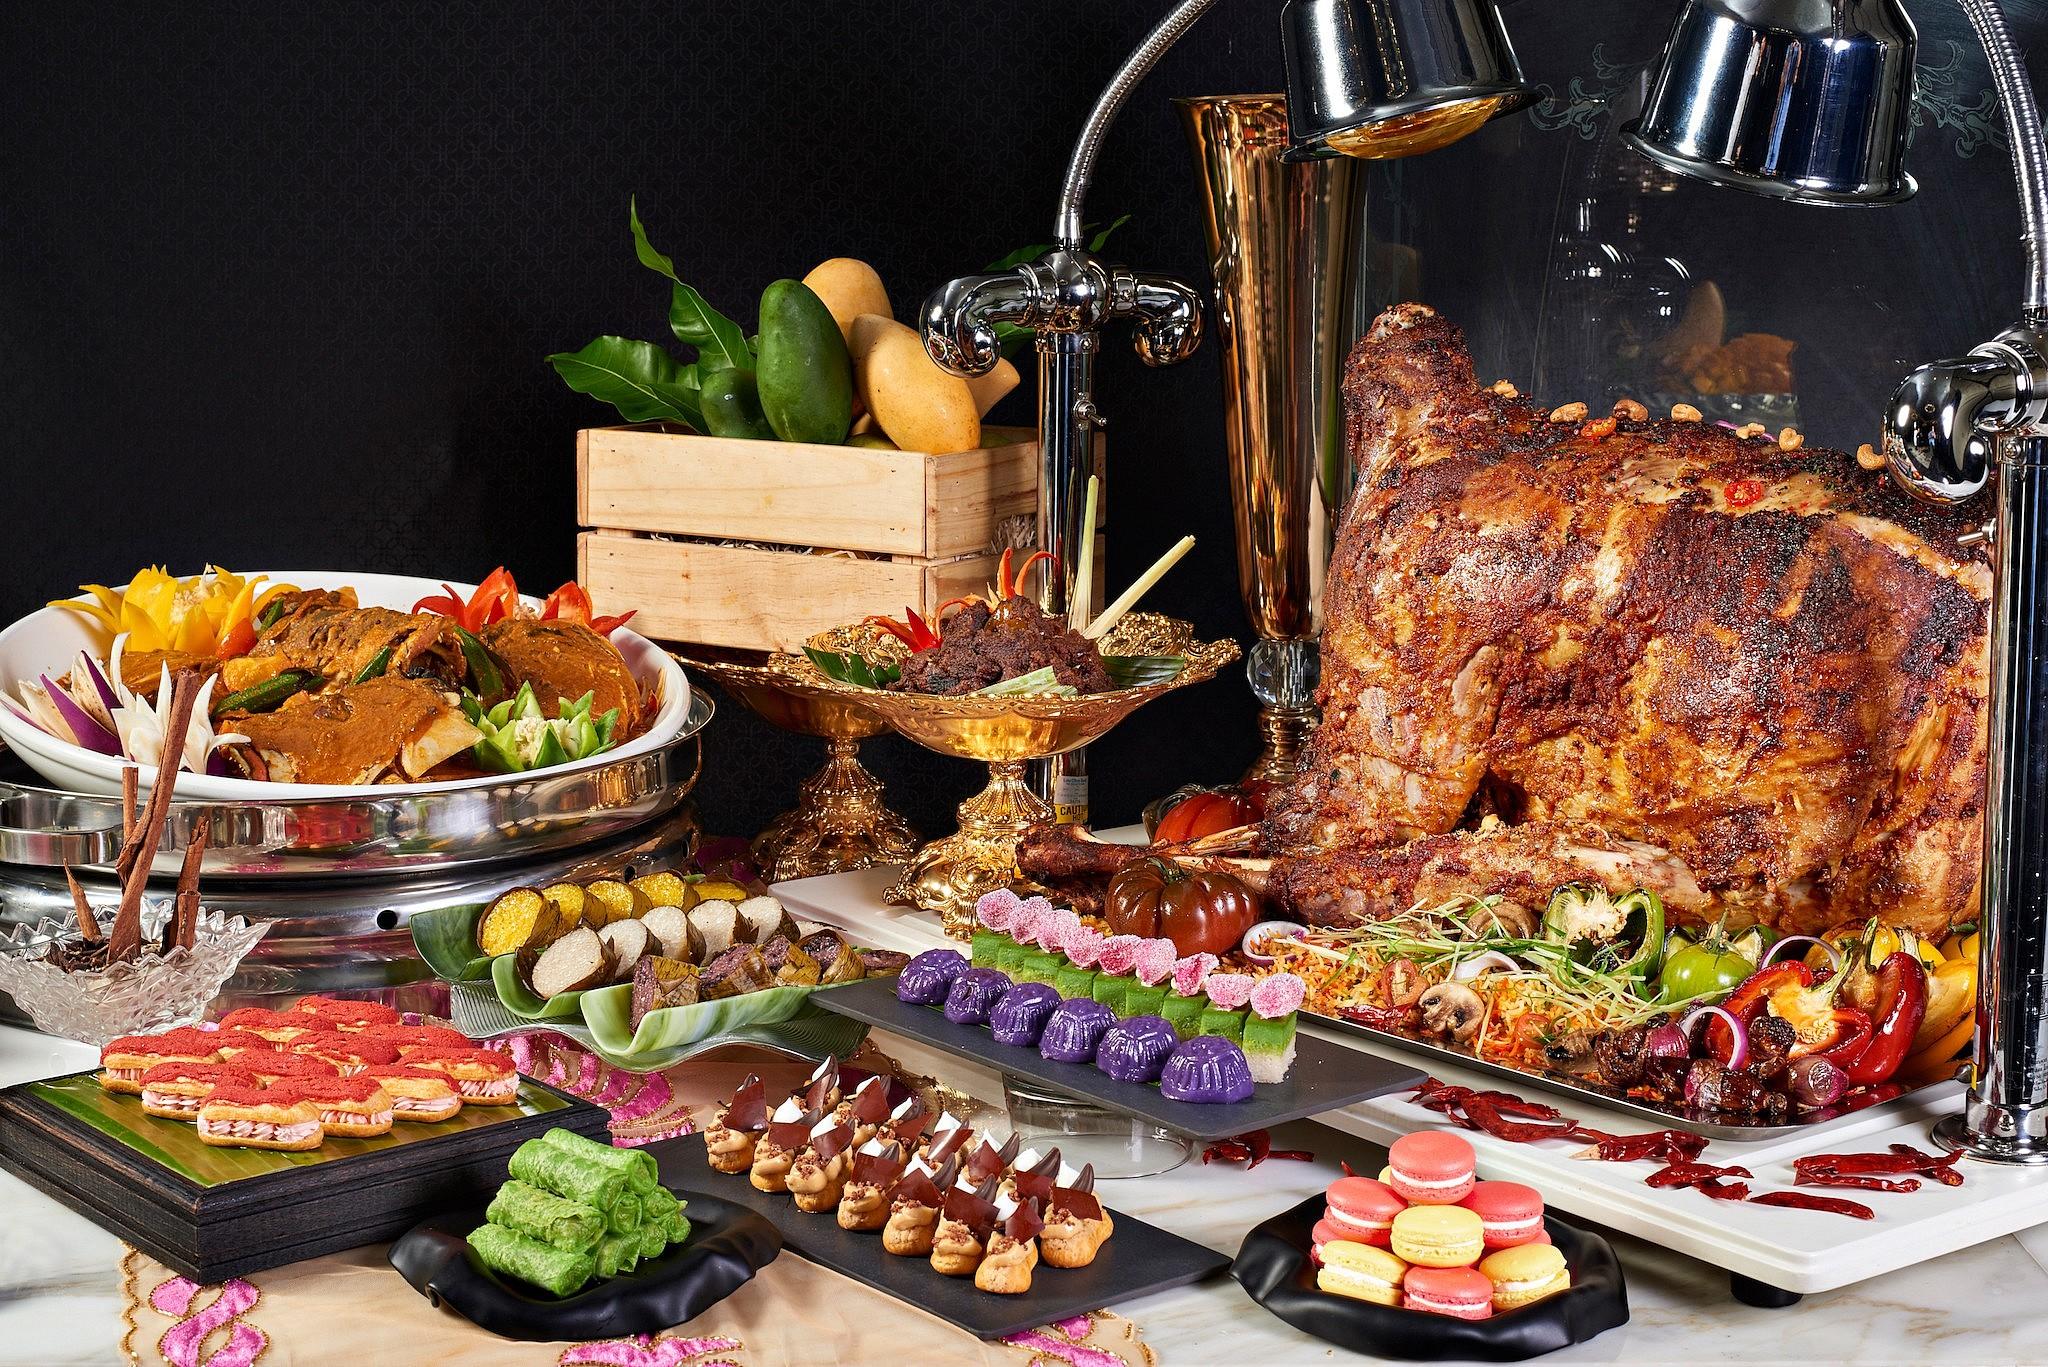 Pilihan Berbuka: Buffet vs Restoran vs Bazar Ramadhan?